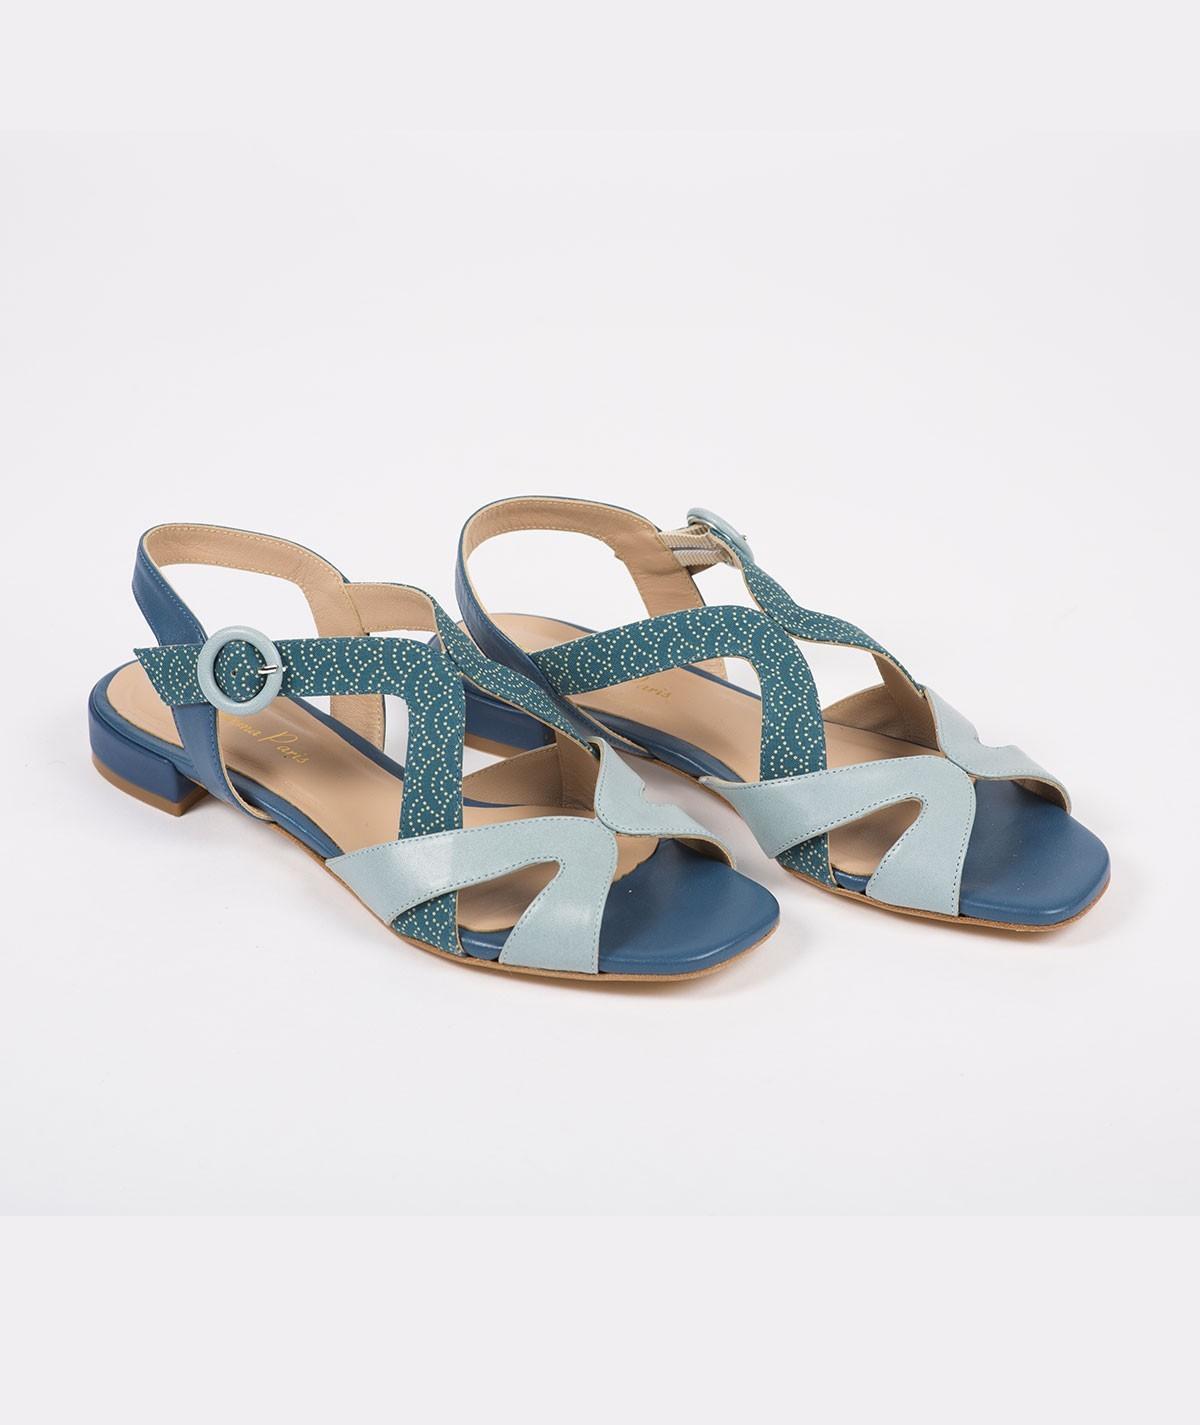 Sandales plates Sarah de Sapporo